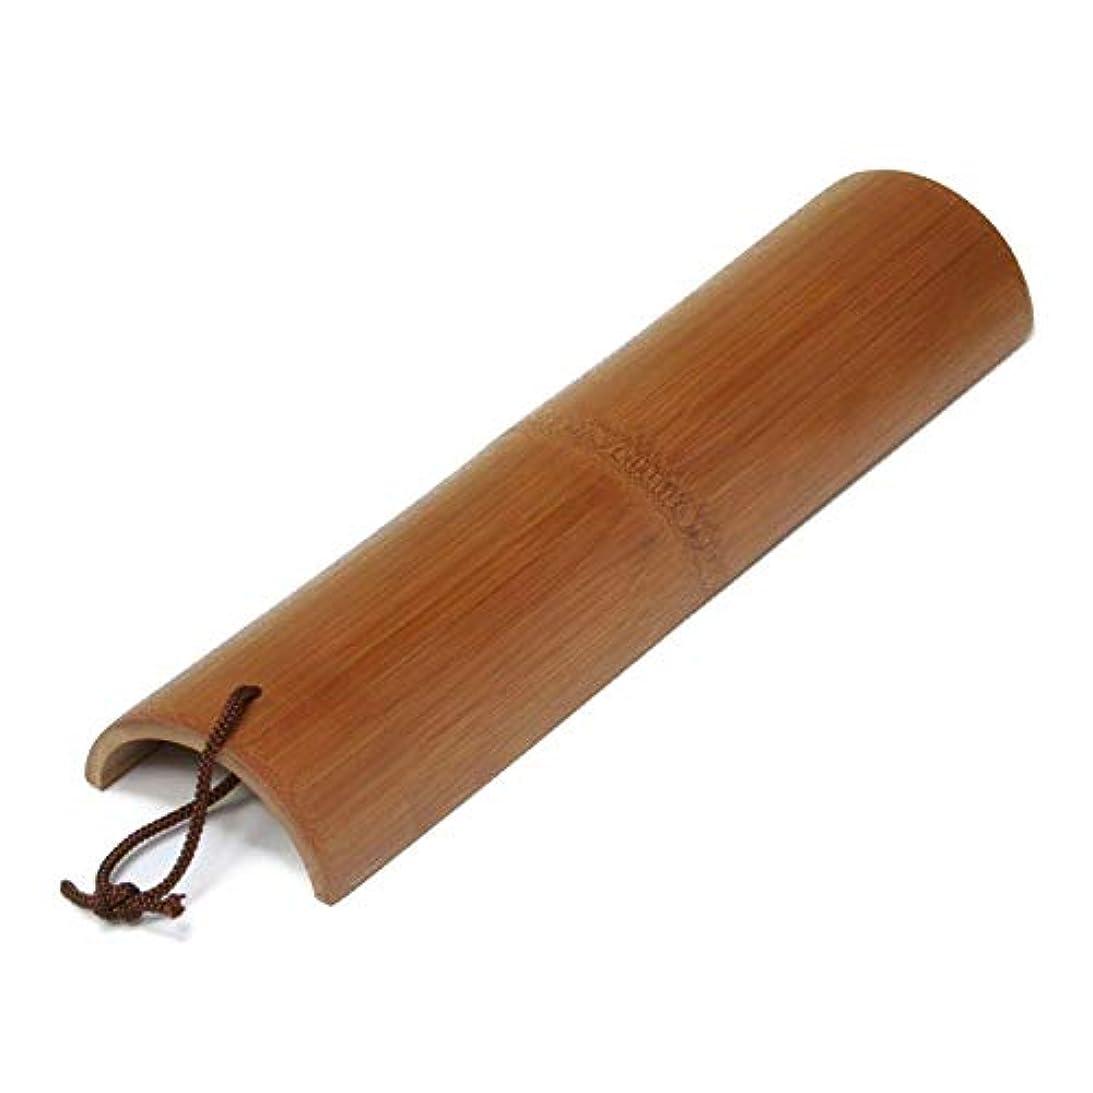 そばにめる引っ張る炭化竹製「大判?踏み竹」 「竹の本場?大分県」よりお届けします